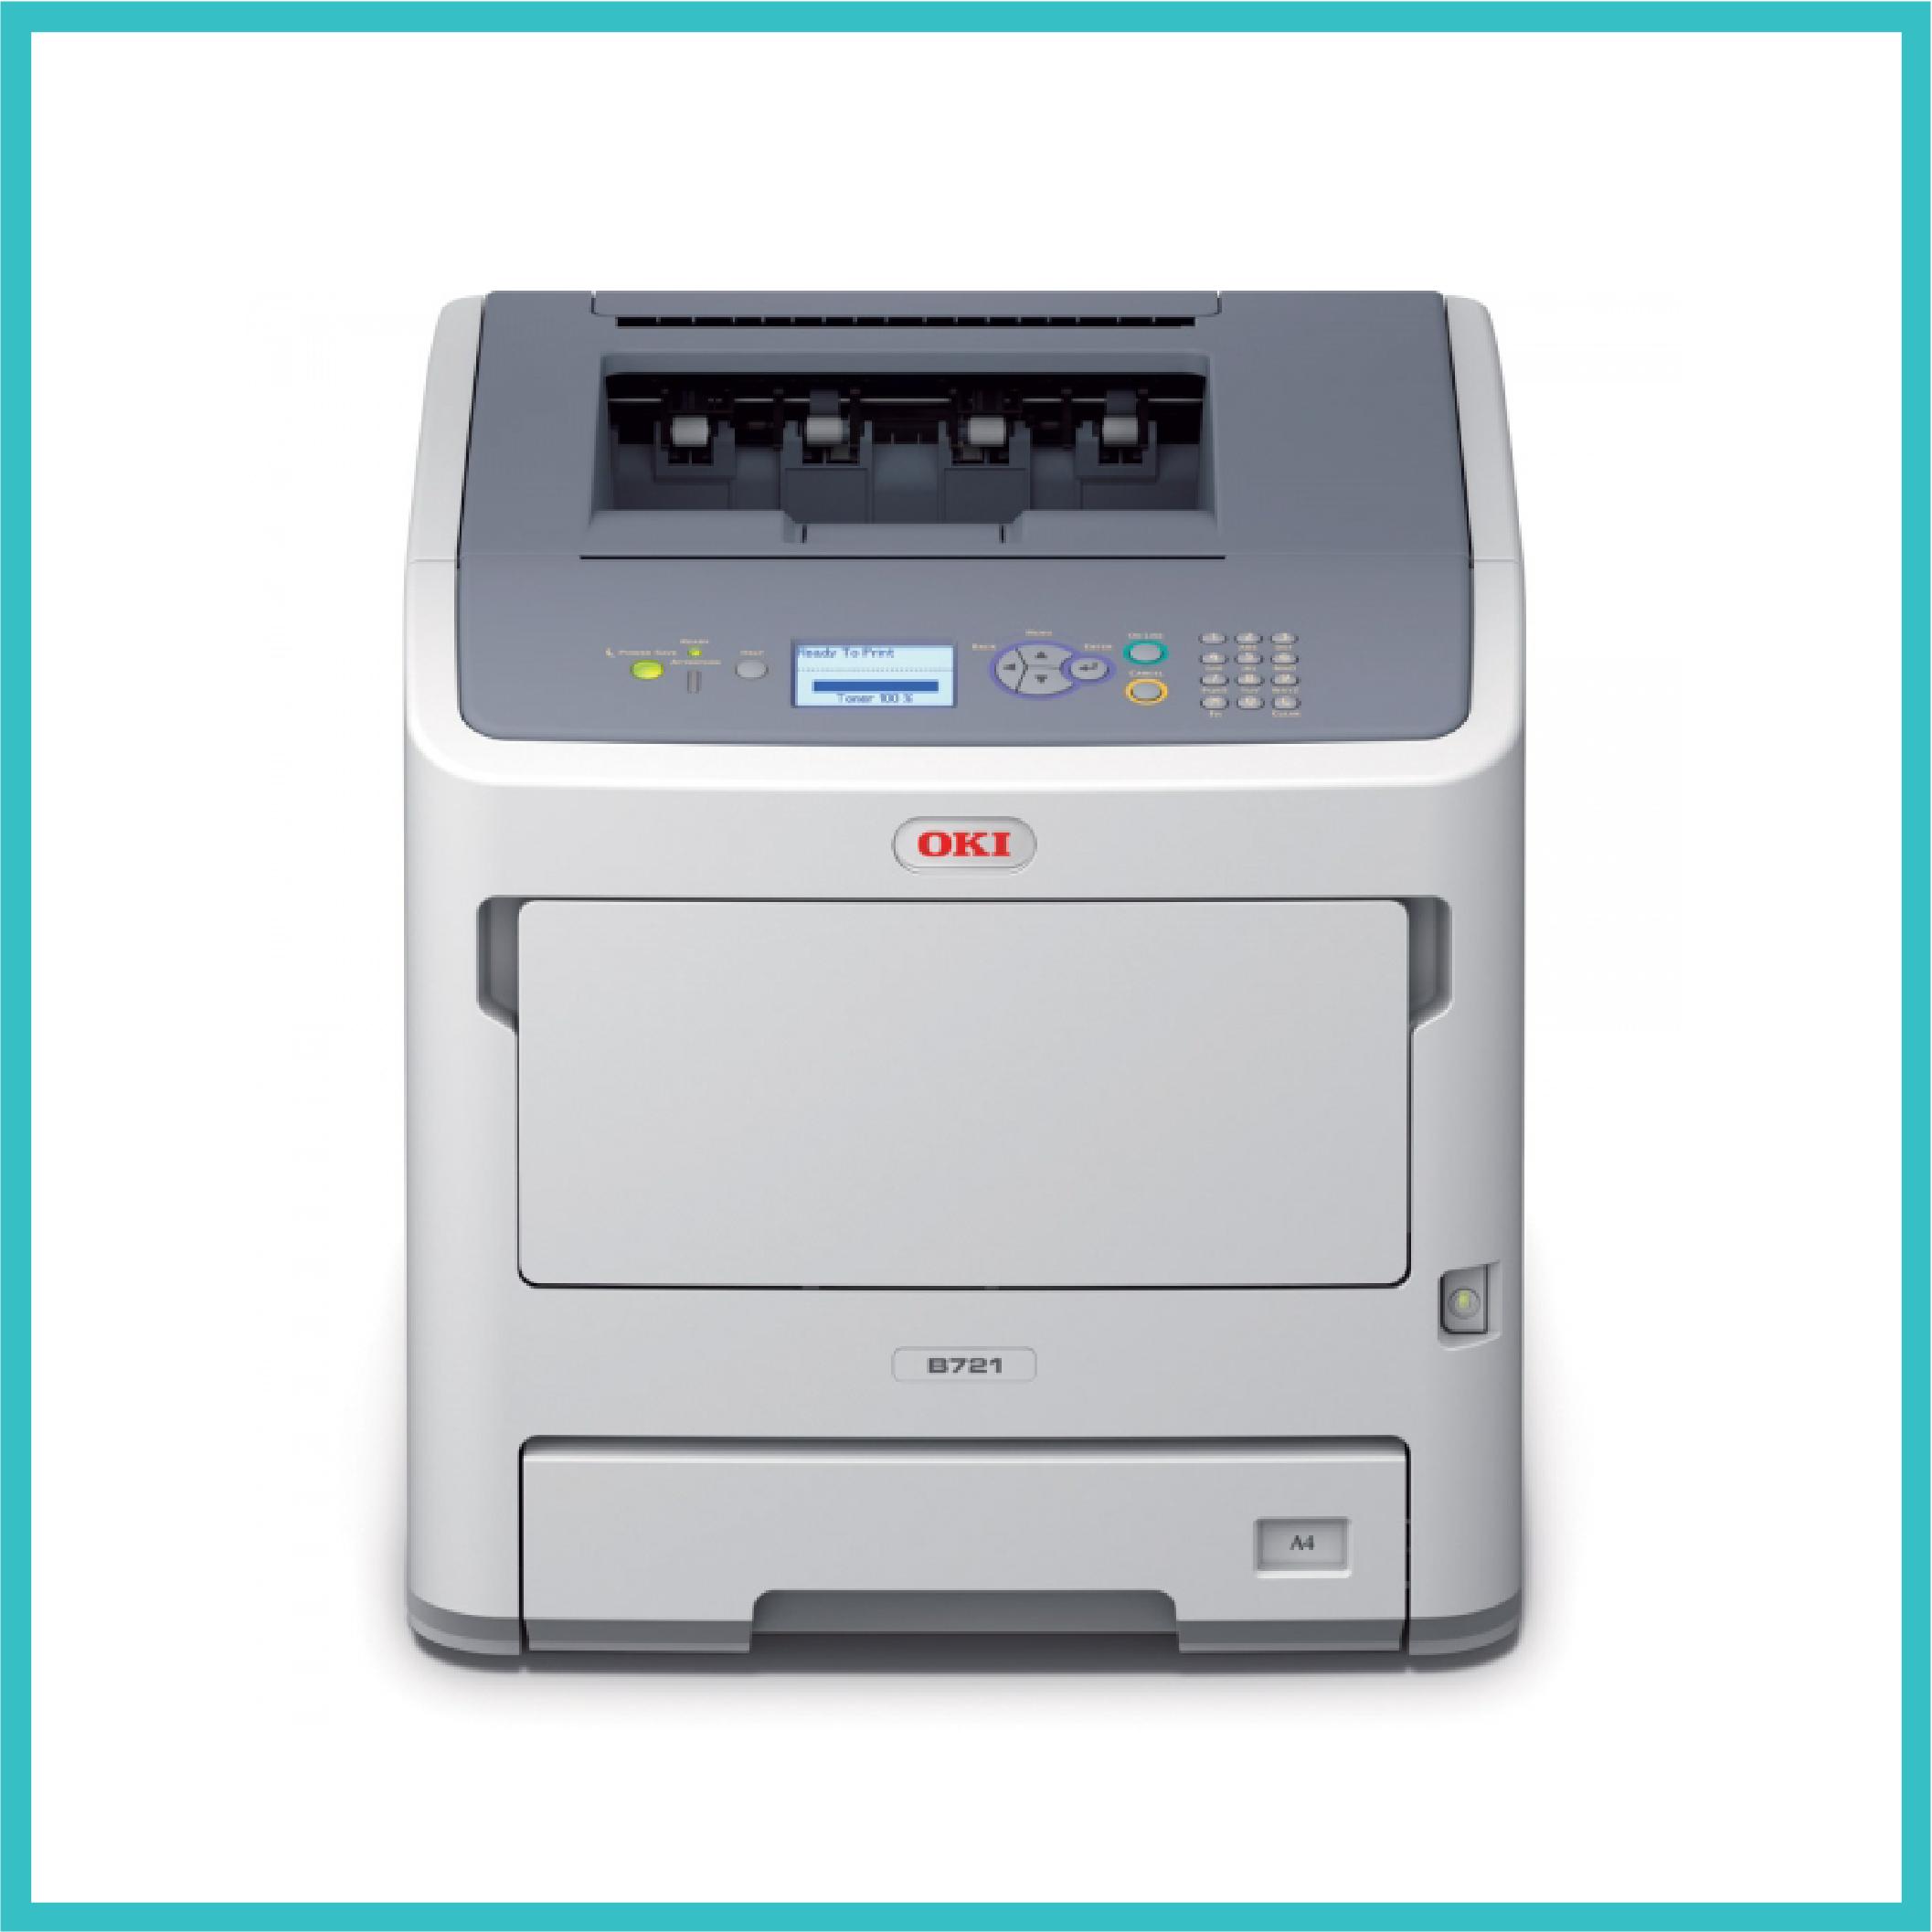 multipurpose OKI ES7131 photocopier